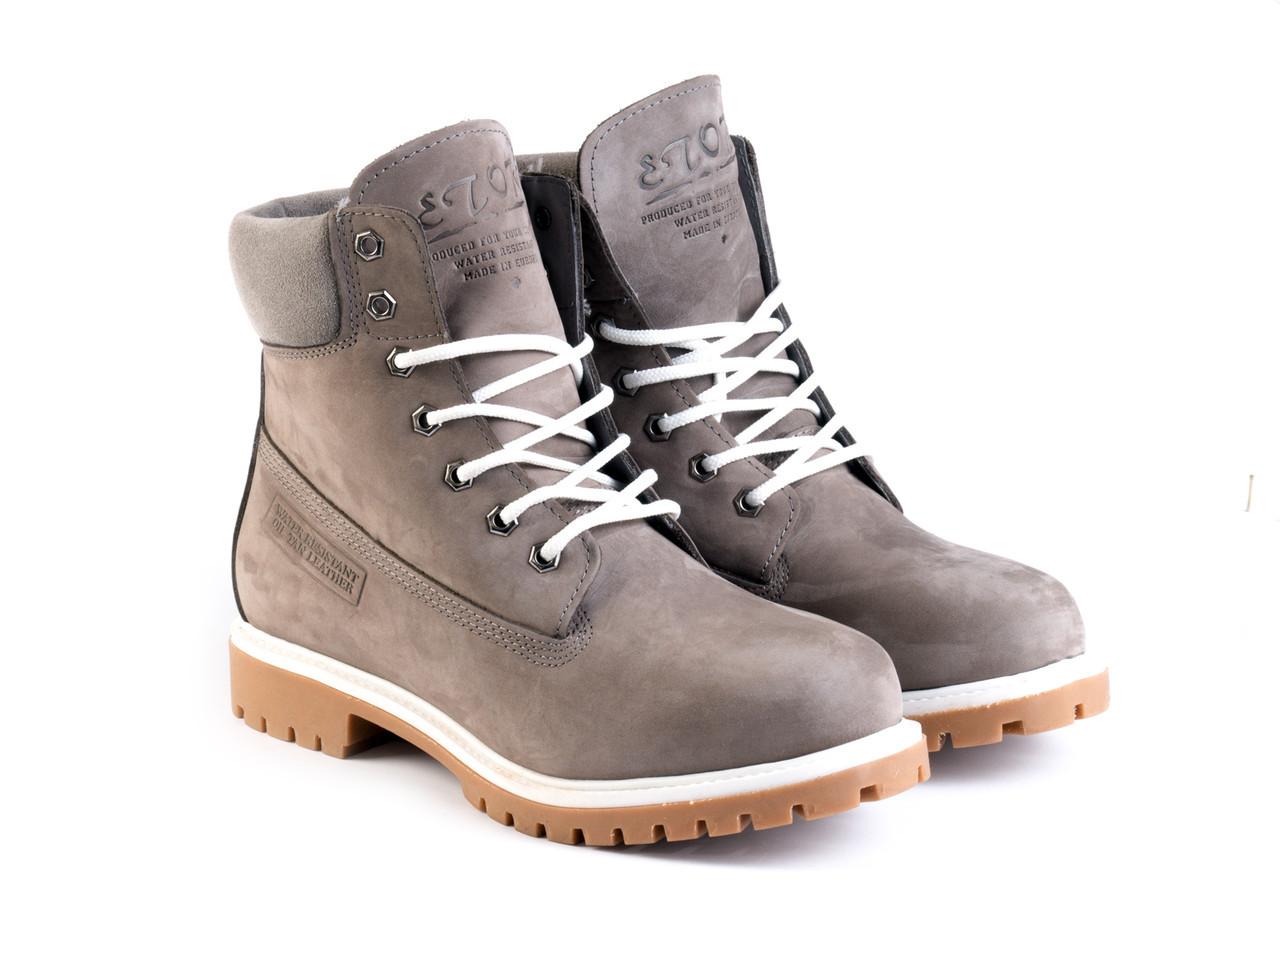 Ботинки Etor 9916-2298-850-0222 40 серые